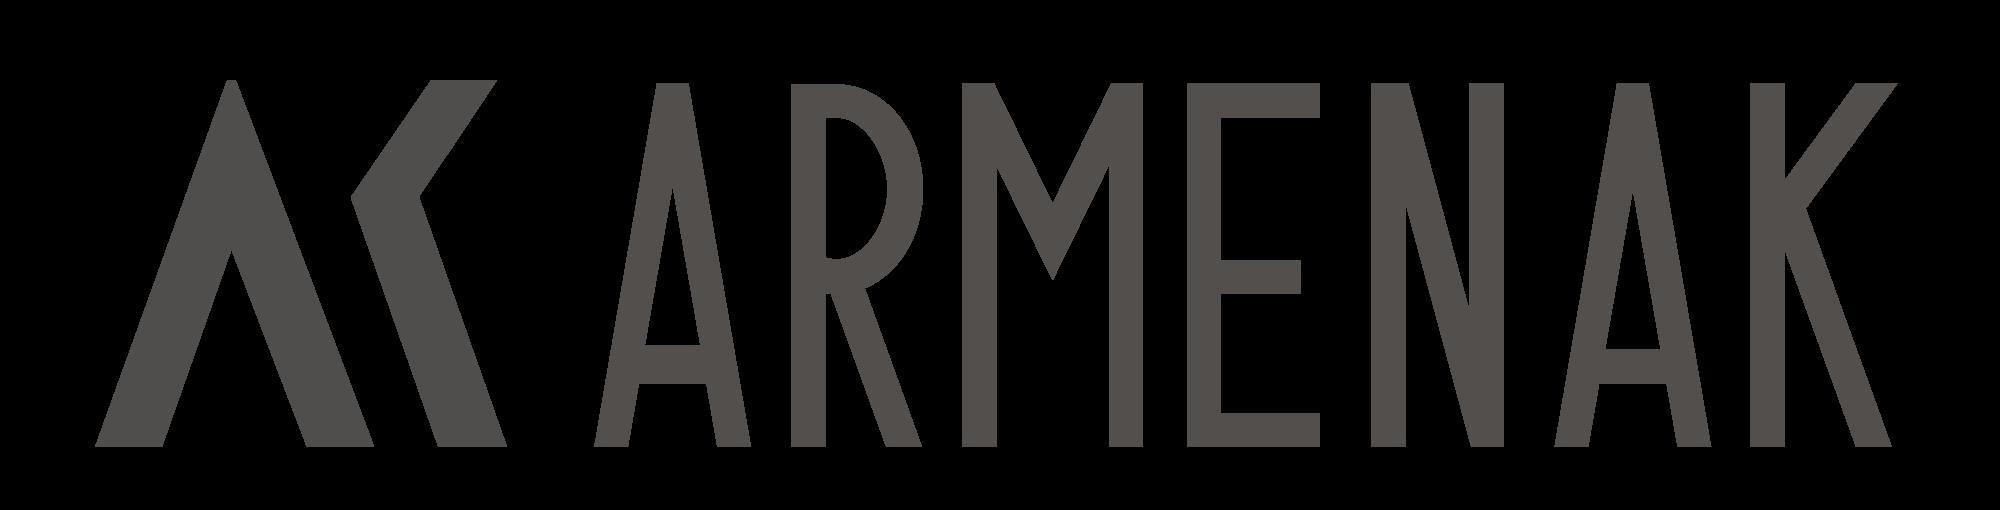 Armenak | Chaussures et Maroquinerie de Luxe pour homme & femme